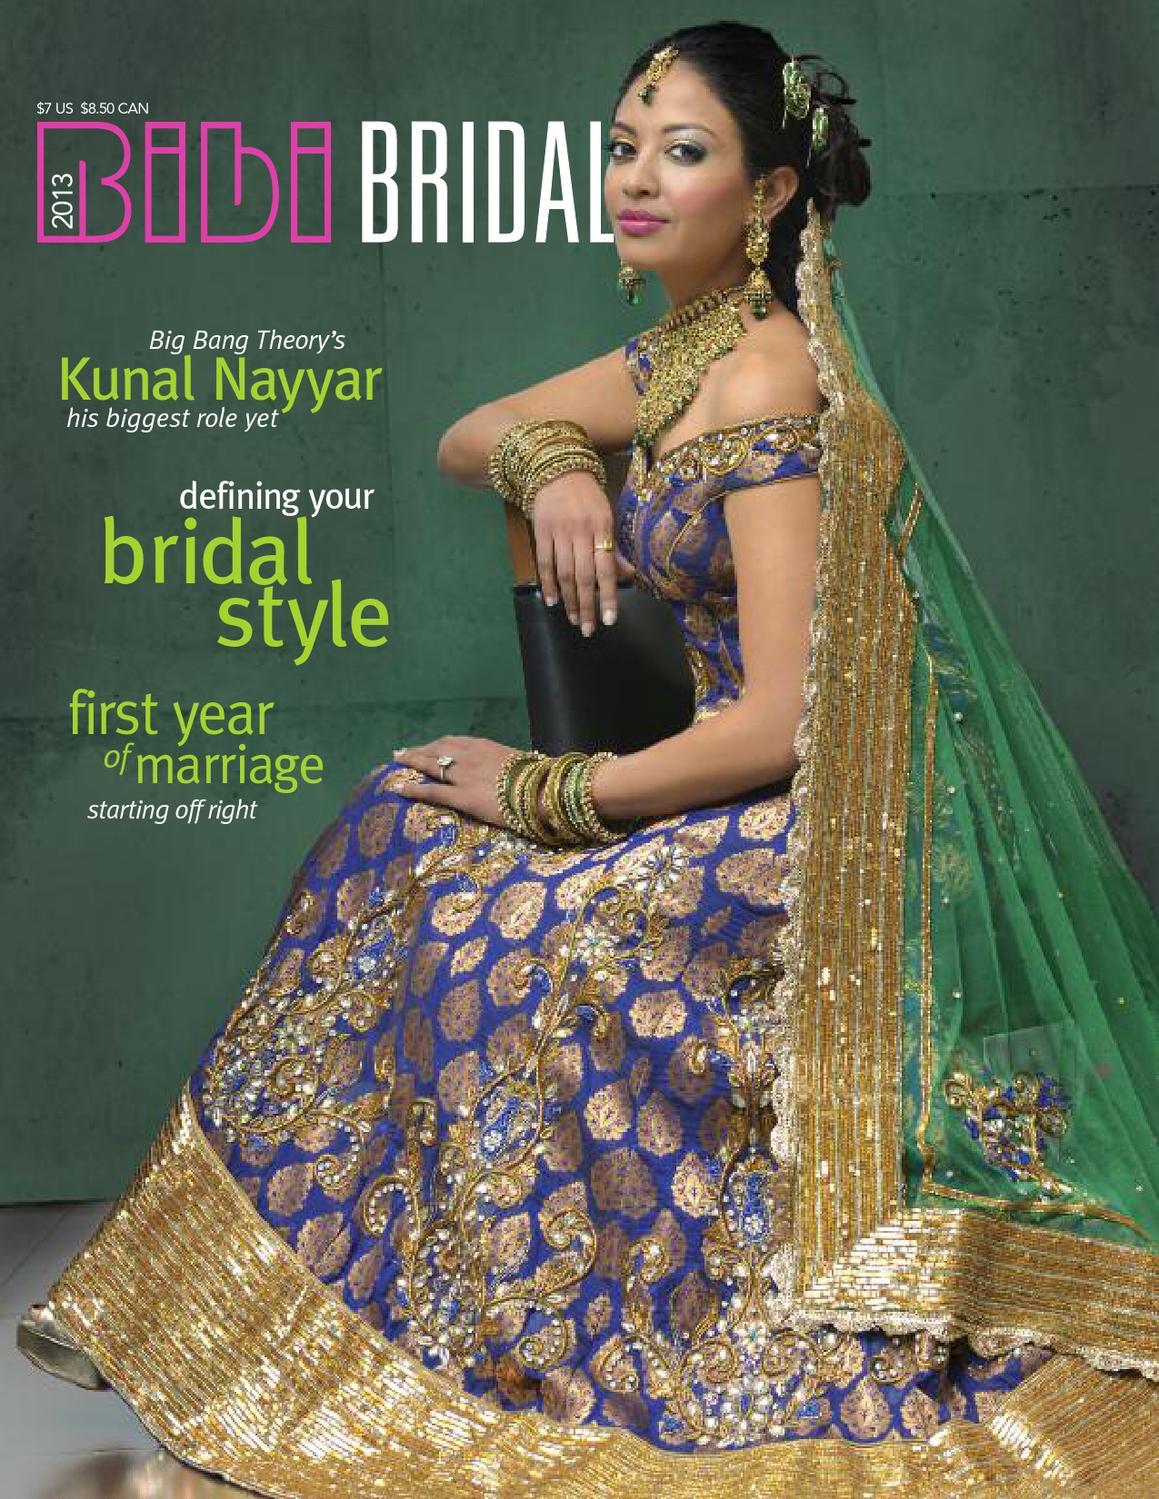 Modern bride price redemption in oriental style